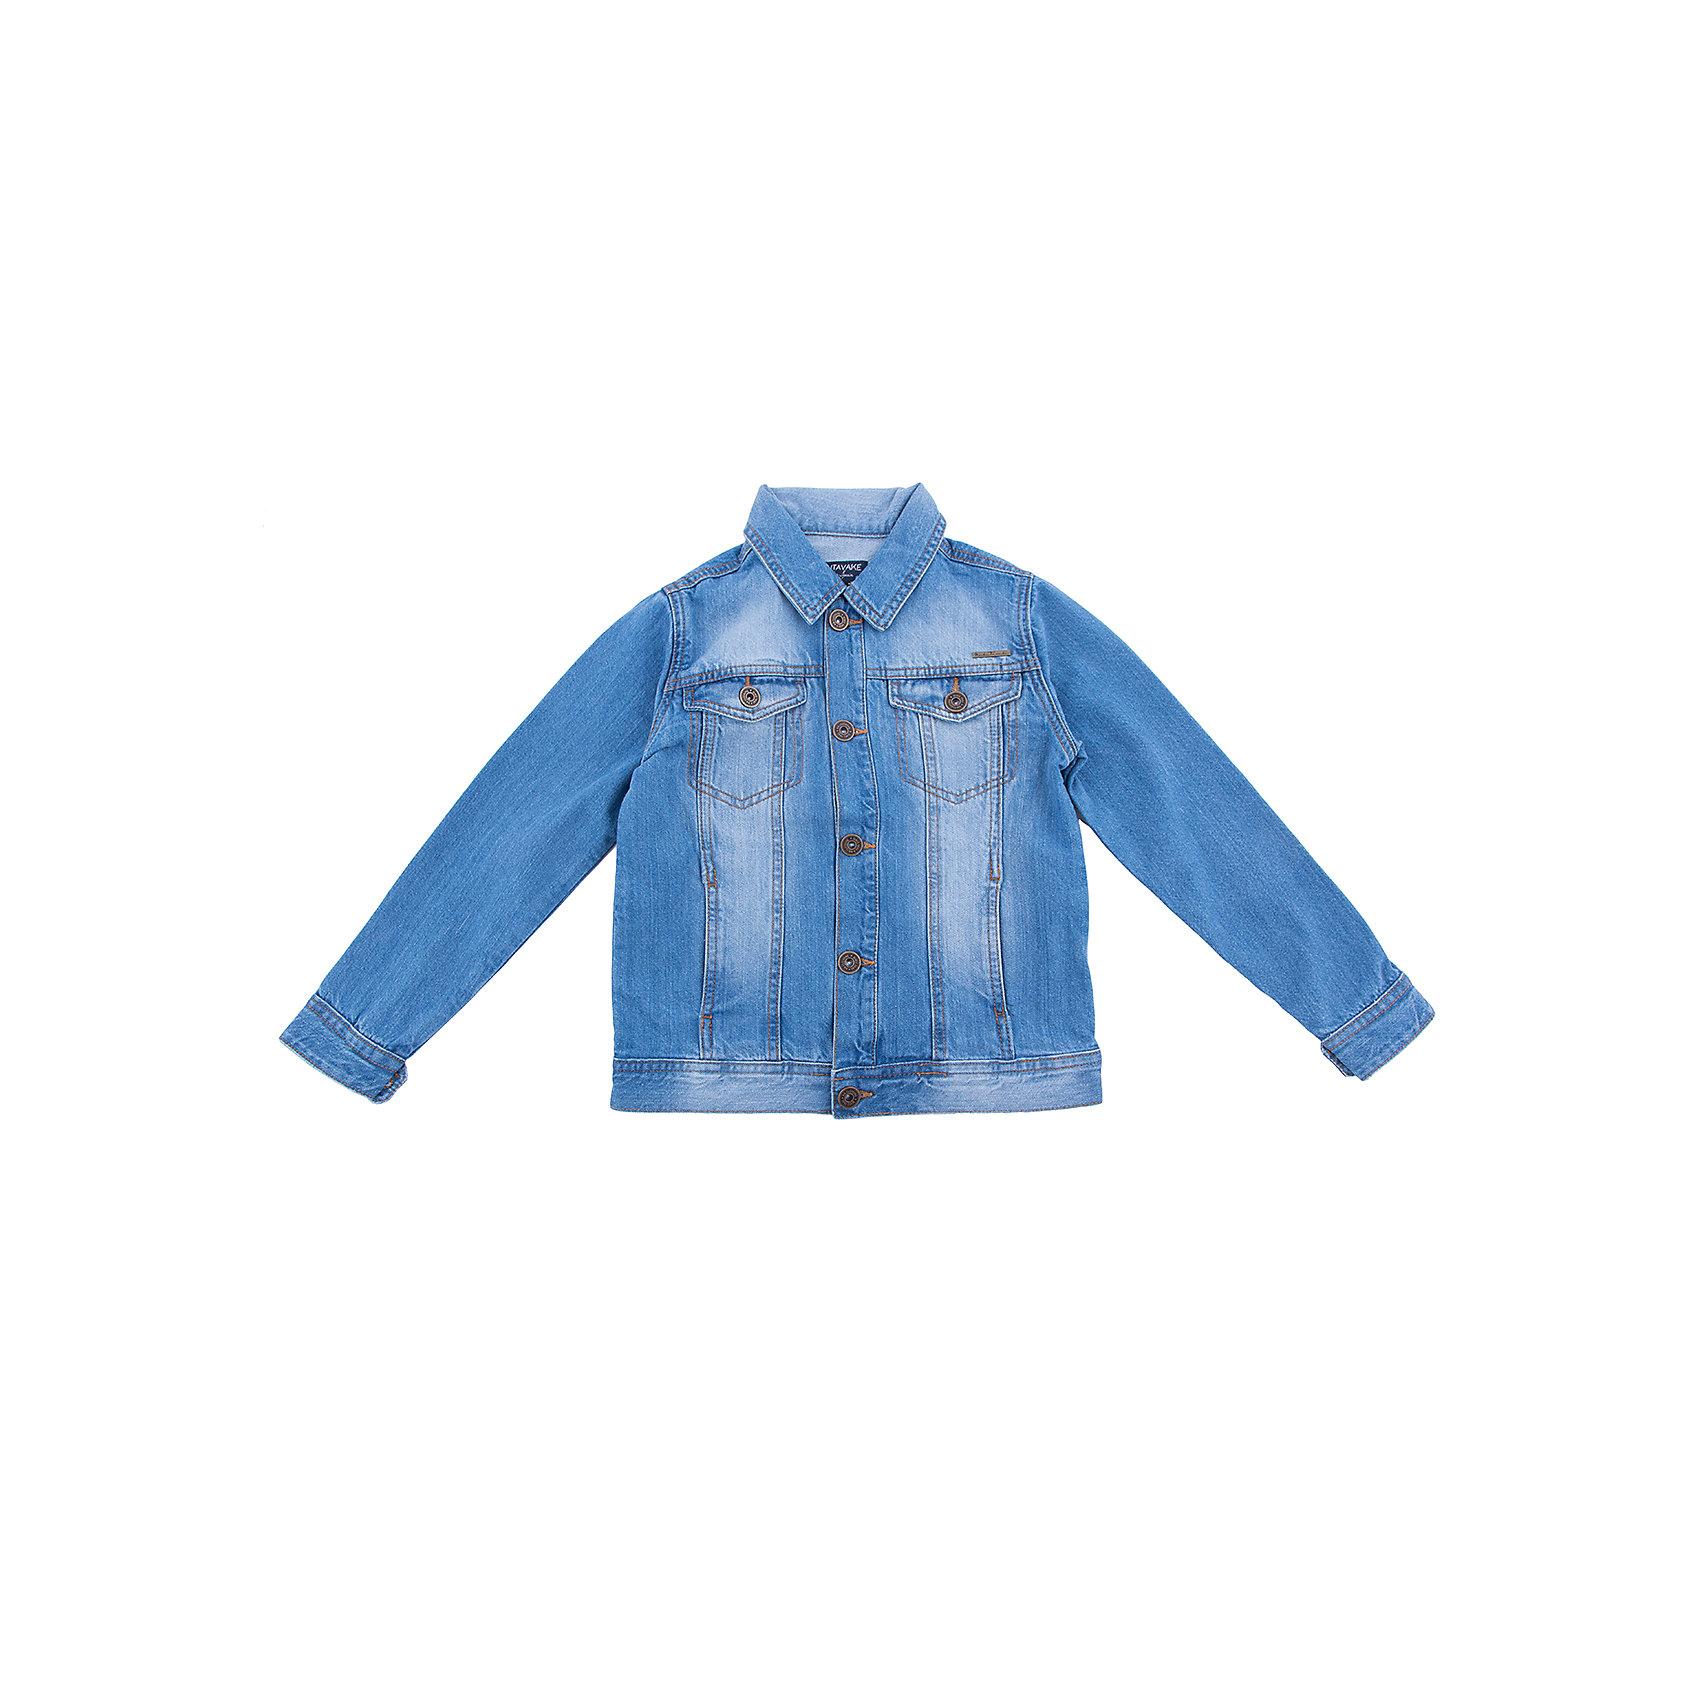 Куртка  для мальчика MayoralКуртка для мальчика от известной испанской марки Mayoral<br><br>Стильная джинсовая куртка от Mayoral очень оригинально и стильно смотрится. Она прекрасно сочетается с различным низом. <br>Модель выполнена из качественных материалов, отлично садится по фигуре. Станет универсальным верхом для весенне-летнего сезона!<br><br>Особенности модели:<br><br>- цвет: голубой;<br>- рукава длинные;<br>- пуговицы болты;<br>- отложной воротник;<br>- декорирована потертостями;<br>- карманы на груди.<br><br>Дополнительная информация:<br><br>Состав: 100% хлопок<br><br>Куртку для мальчика Mayoral (Майорал) можно купить в нашем магазине.<br><br>Ширина мм: 356<br>Глубина мм: 10<br>Высота мм: 245<br>Вес г: 519<br>Цвет: голубой<br>Возраст от месяцев: 132<br>Возраст до месяцев: 144<br>Пол: Мужской<br>Возраст: Детский<br>Размер: 152,140,128,158,164<br>SKU: 4537523